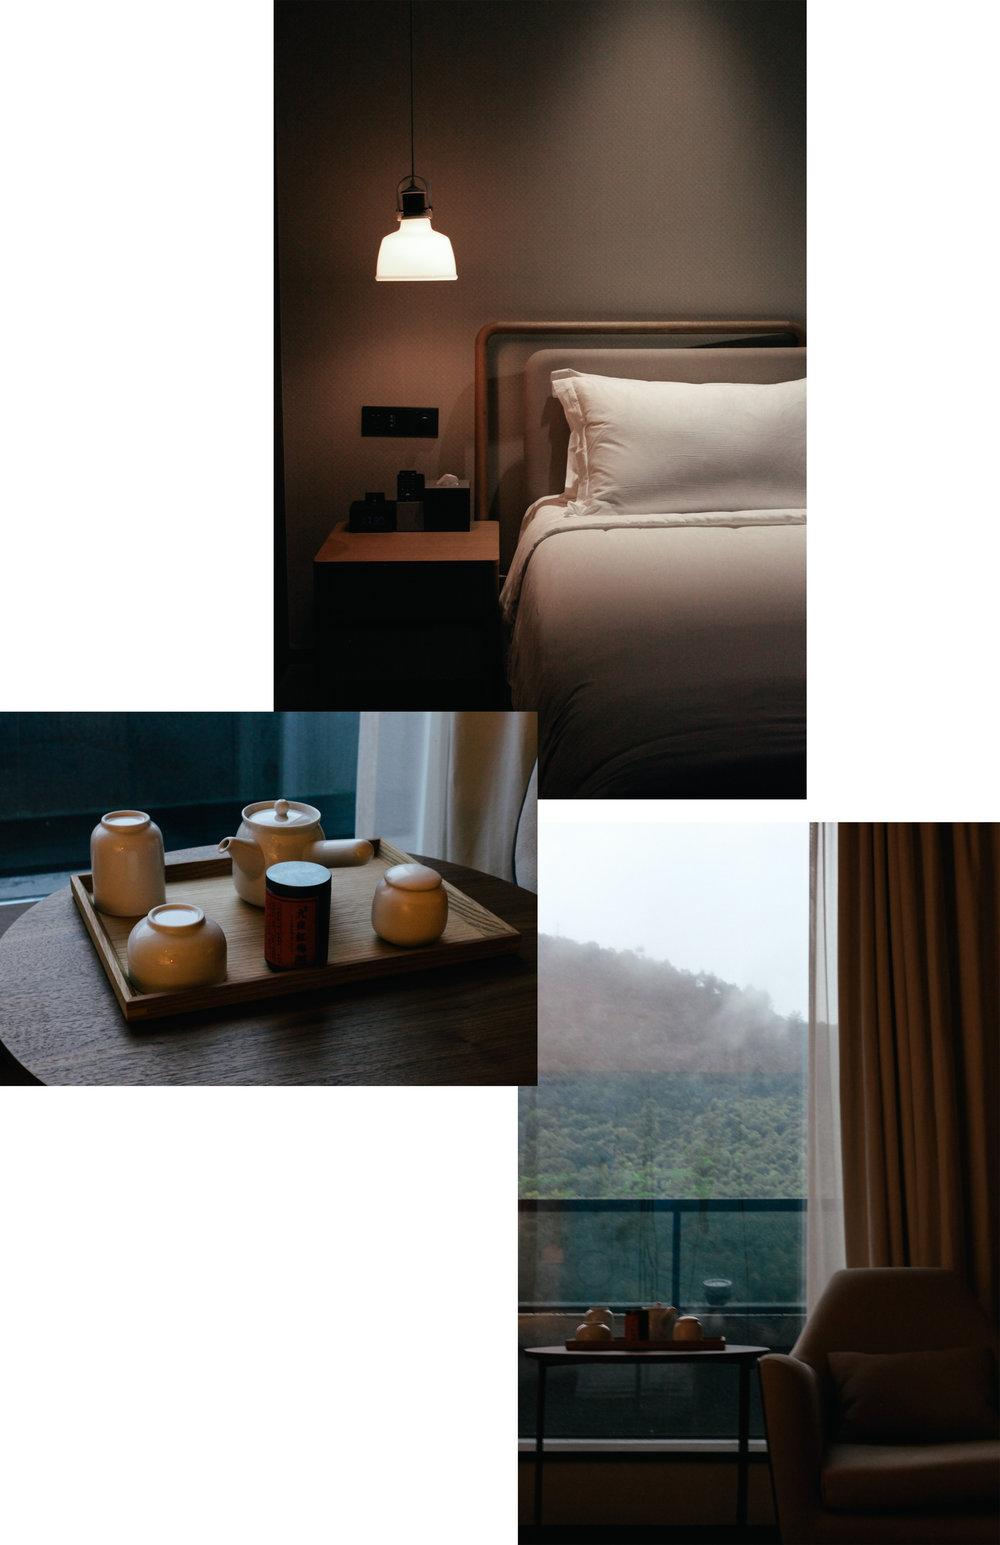 hangzhou-xinyu-hotel-lesycomore